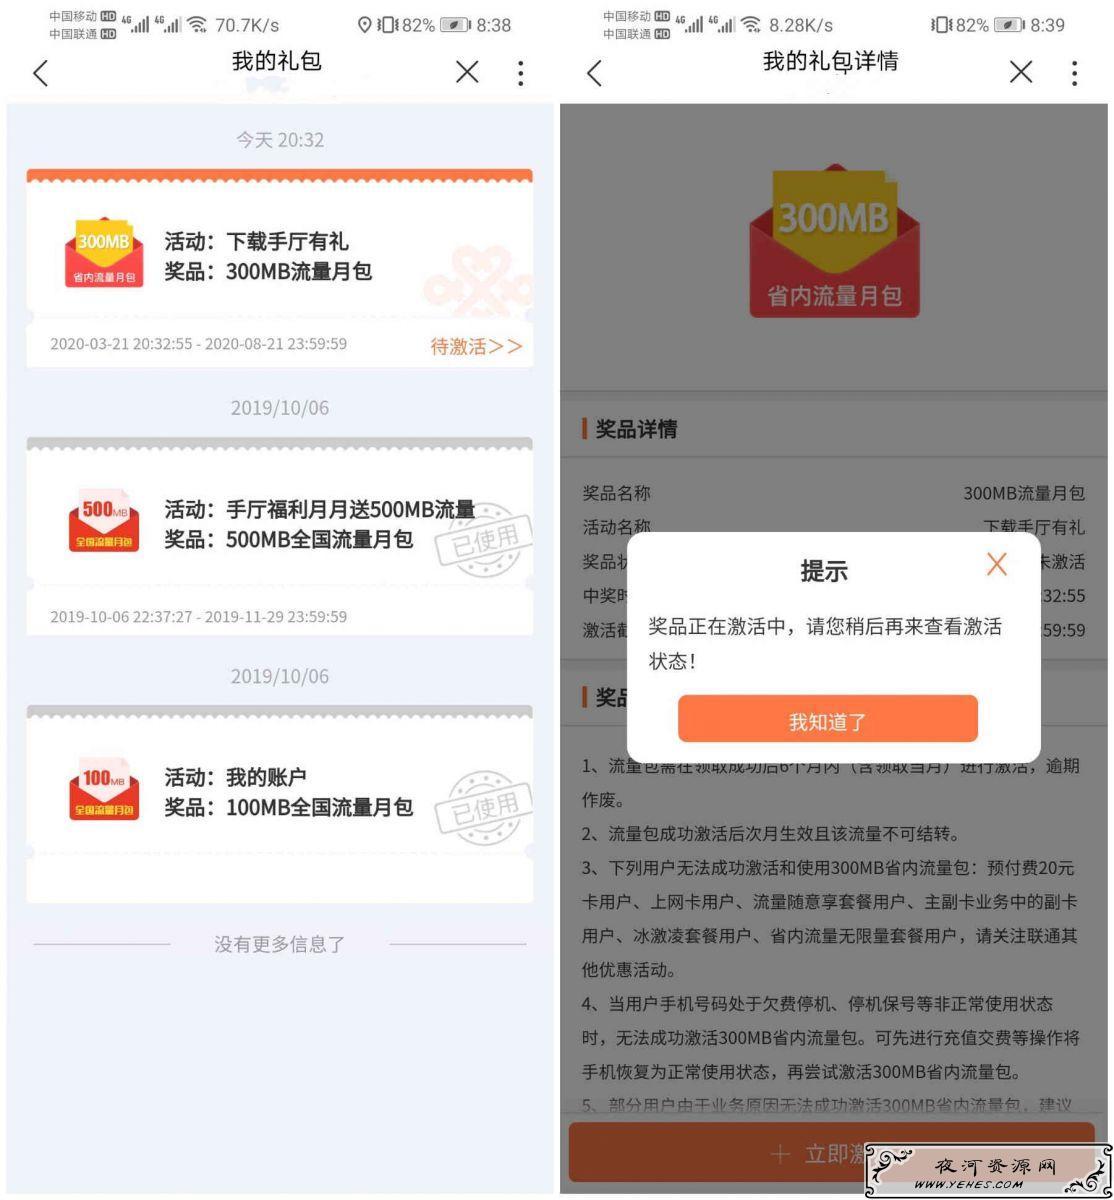 中国联通用户免费领取300MB流量 有效期长达6个月